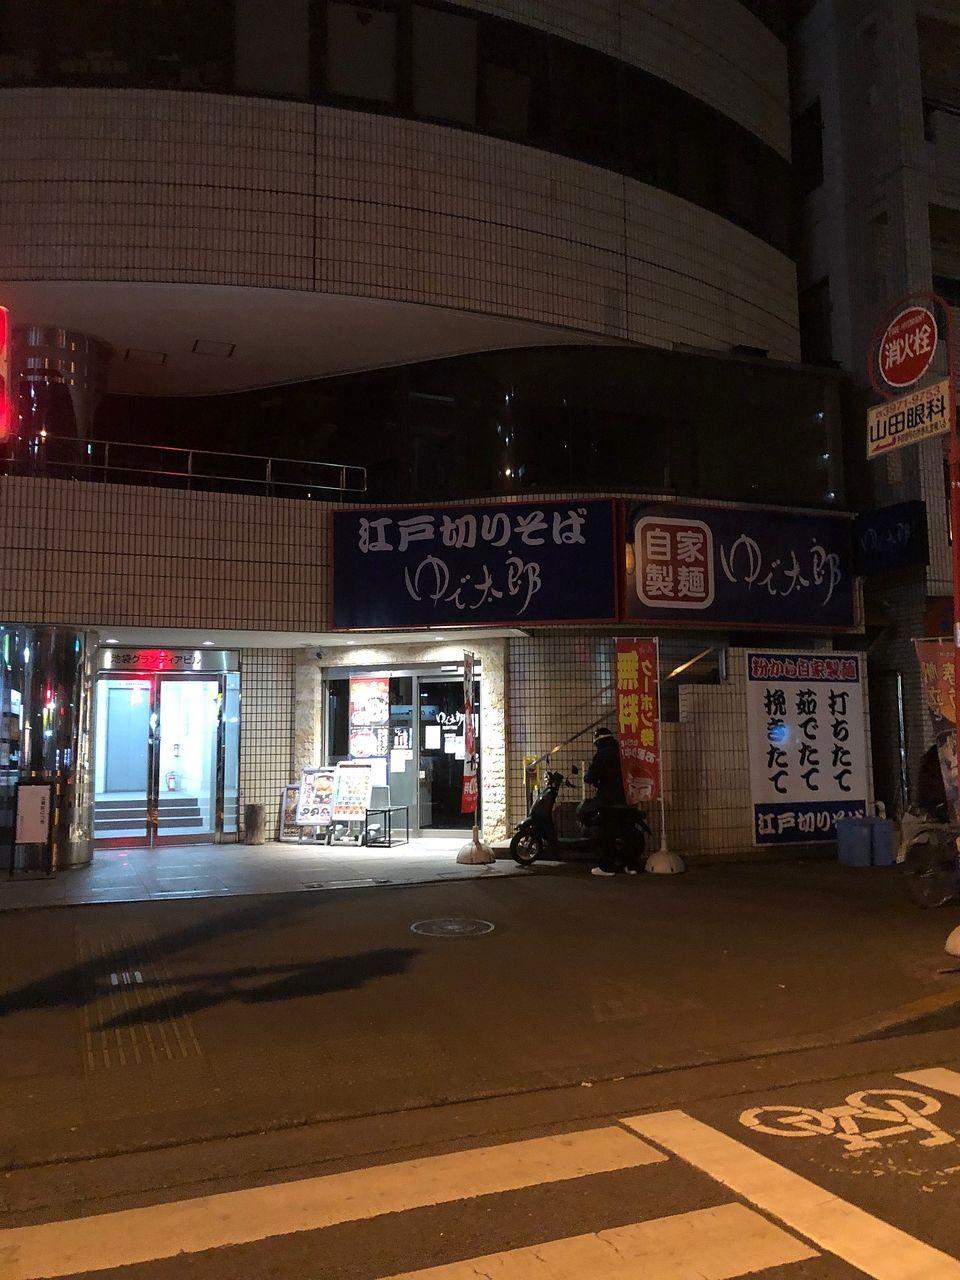 24時間営業の池袋ゆで太郎が20時に閉店してました